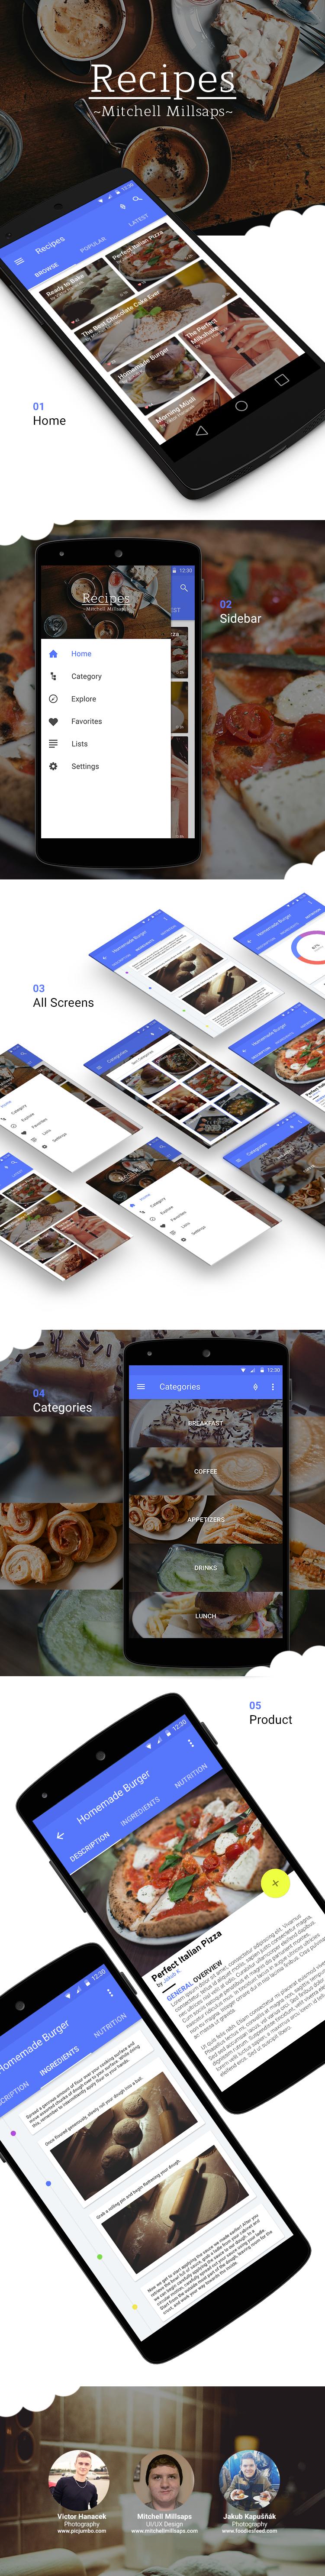 recip recipes Food  foodie app template free psd download material design material design